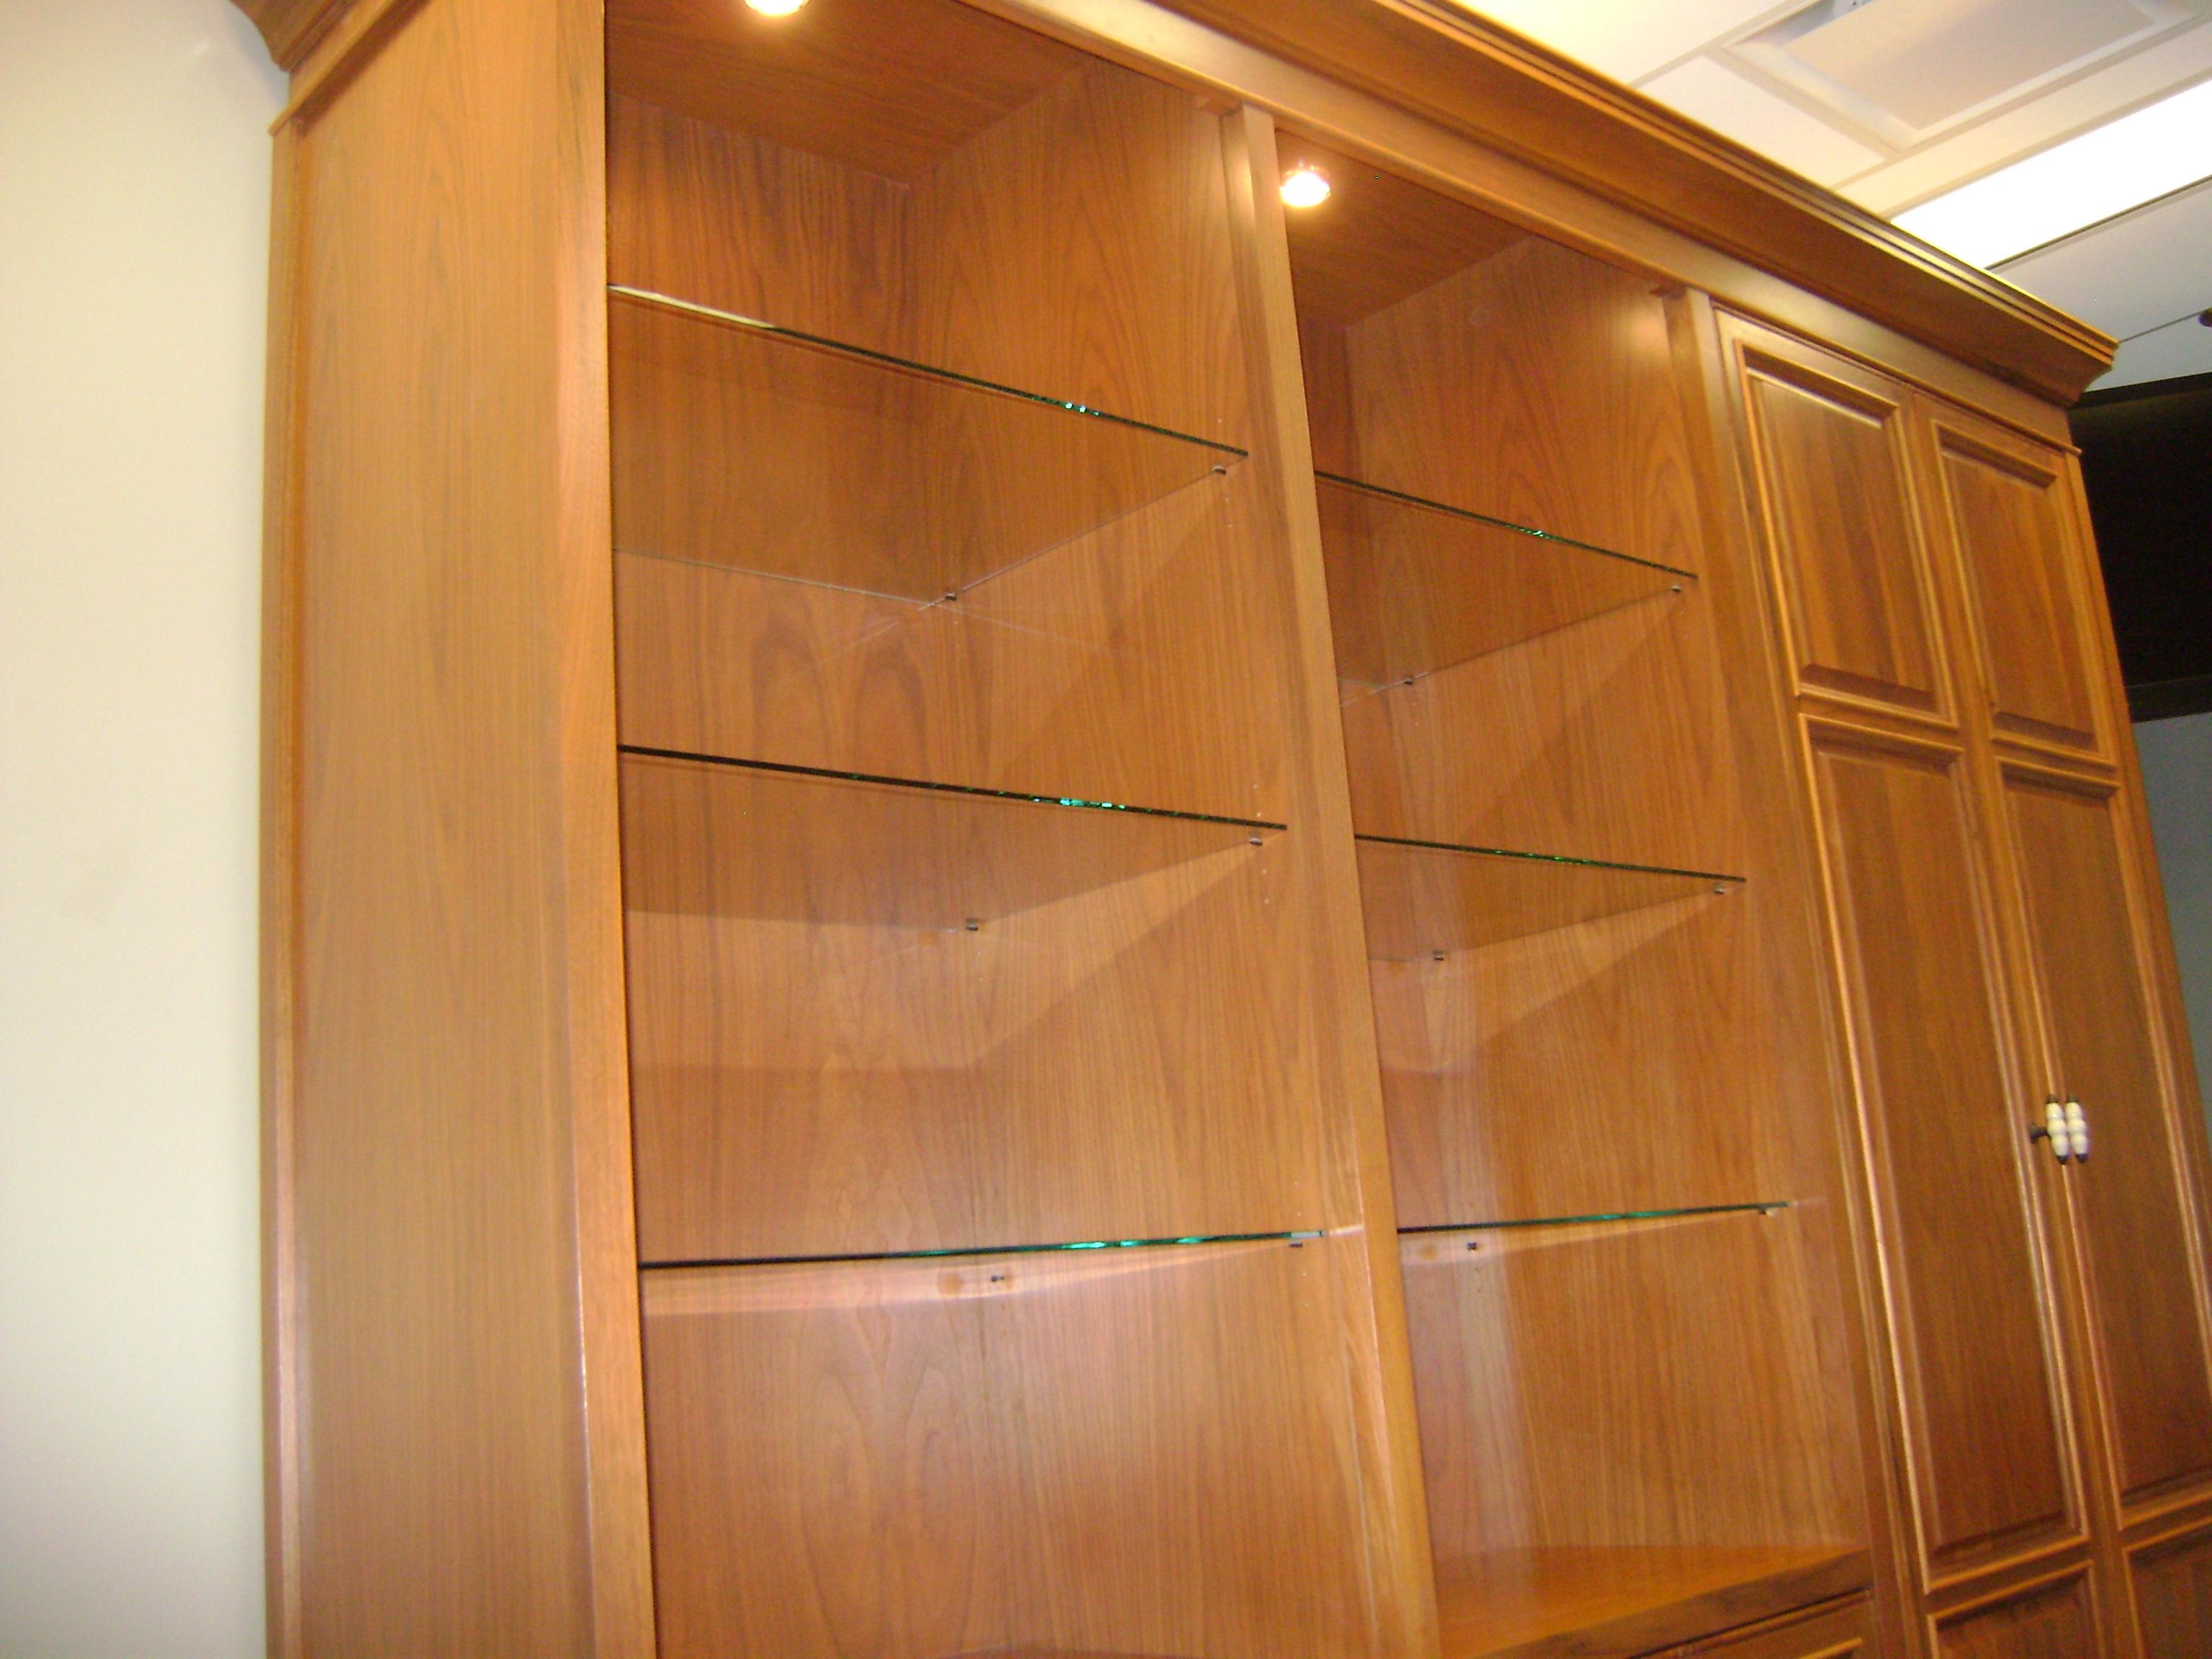 Glass Shelves and  Lighting